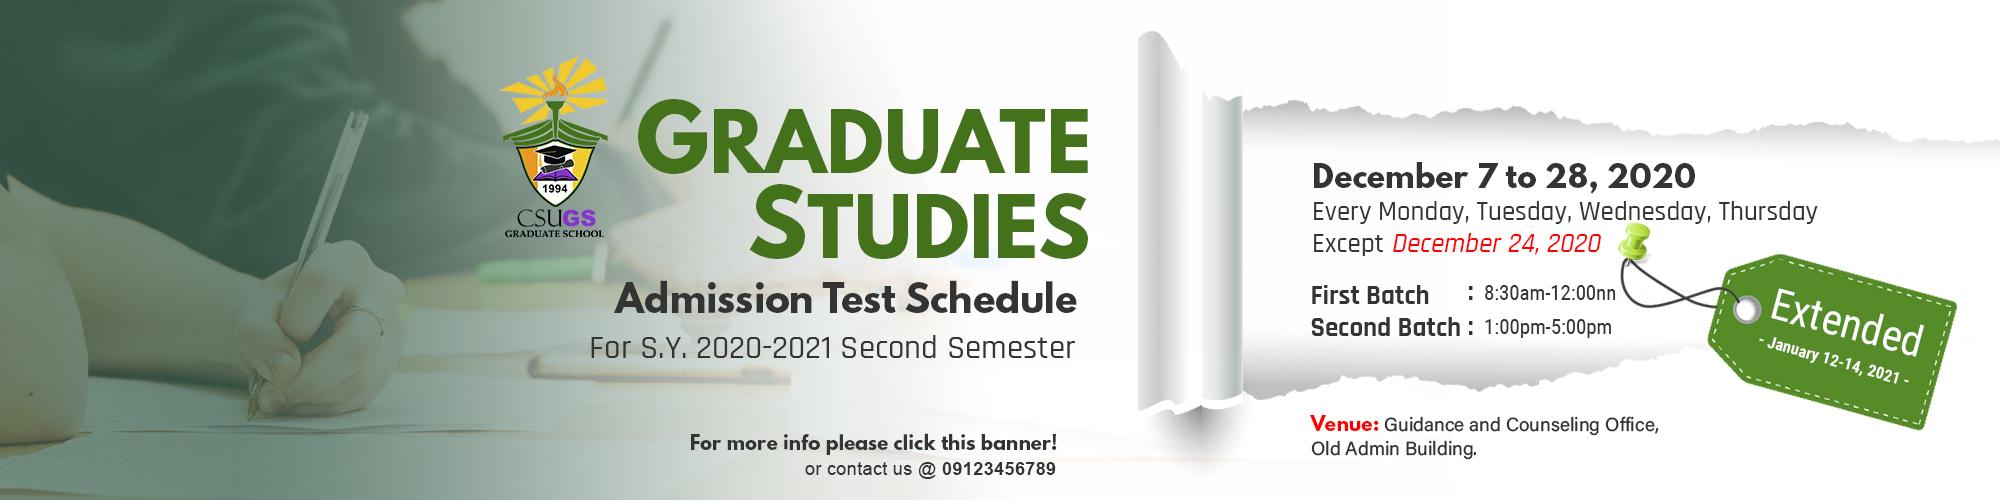 CSU Graduate Studies Admission Test Schedule